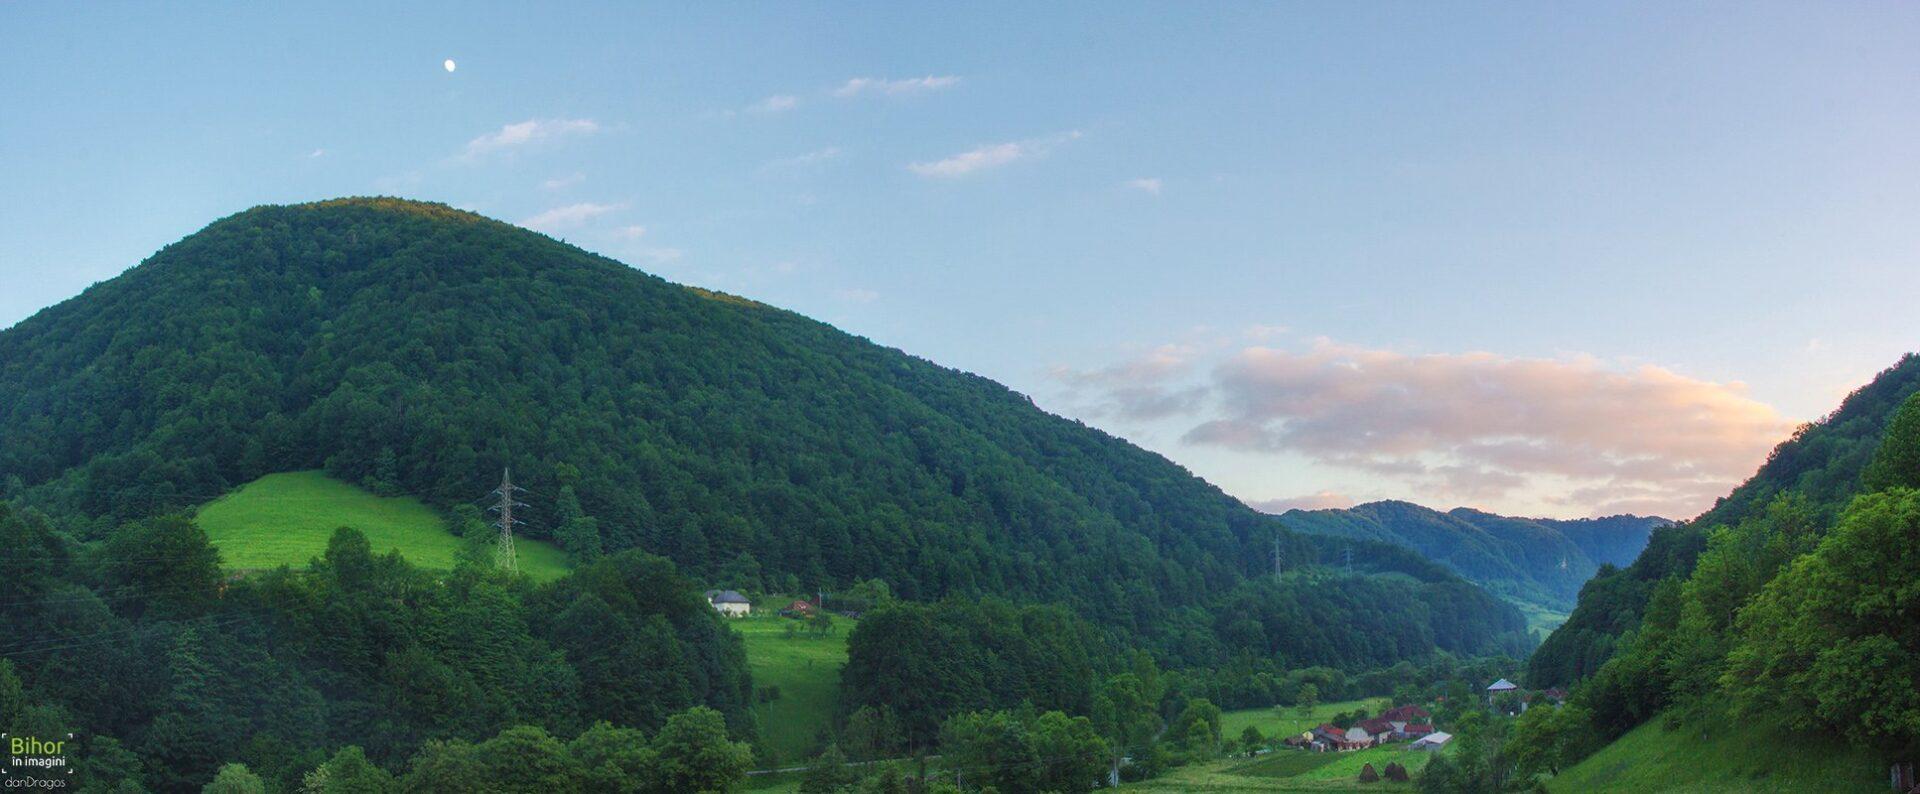 Iadului Valley at sunset